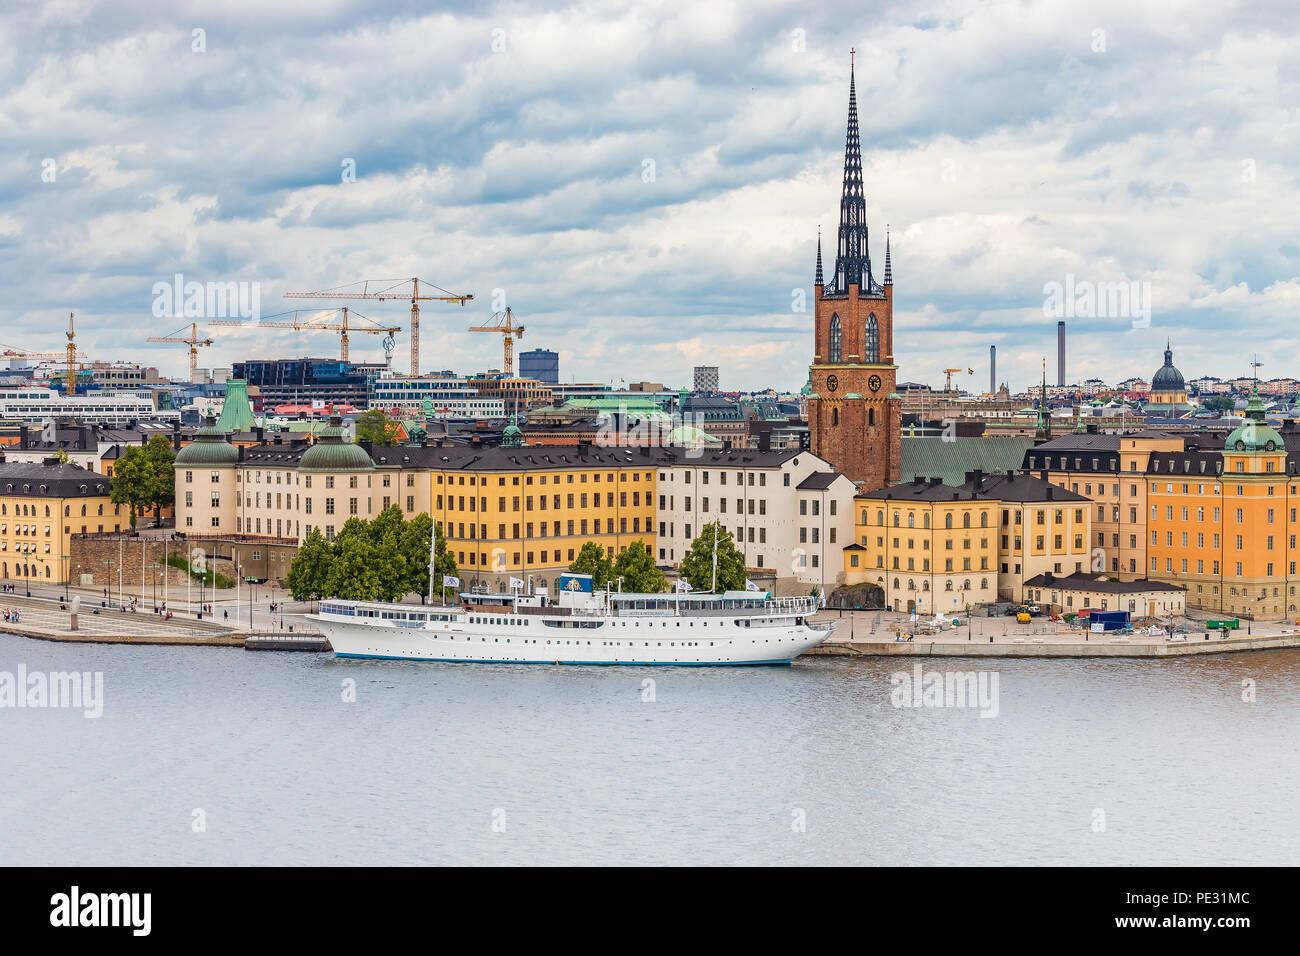 Stockholm, Suède - le 10 août 2017: vue sur l'île de Riddarholmen Riddarholmen et l'église, l'église l'inhumation des monarques suédois, dans la vieille ville Gamla Photo Stock